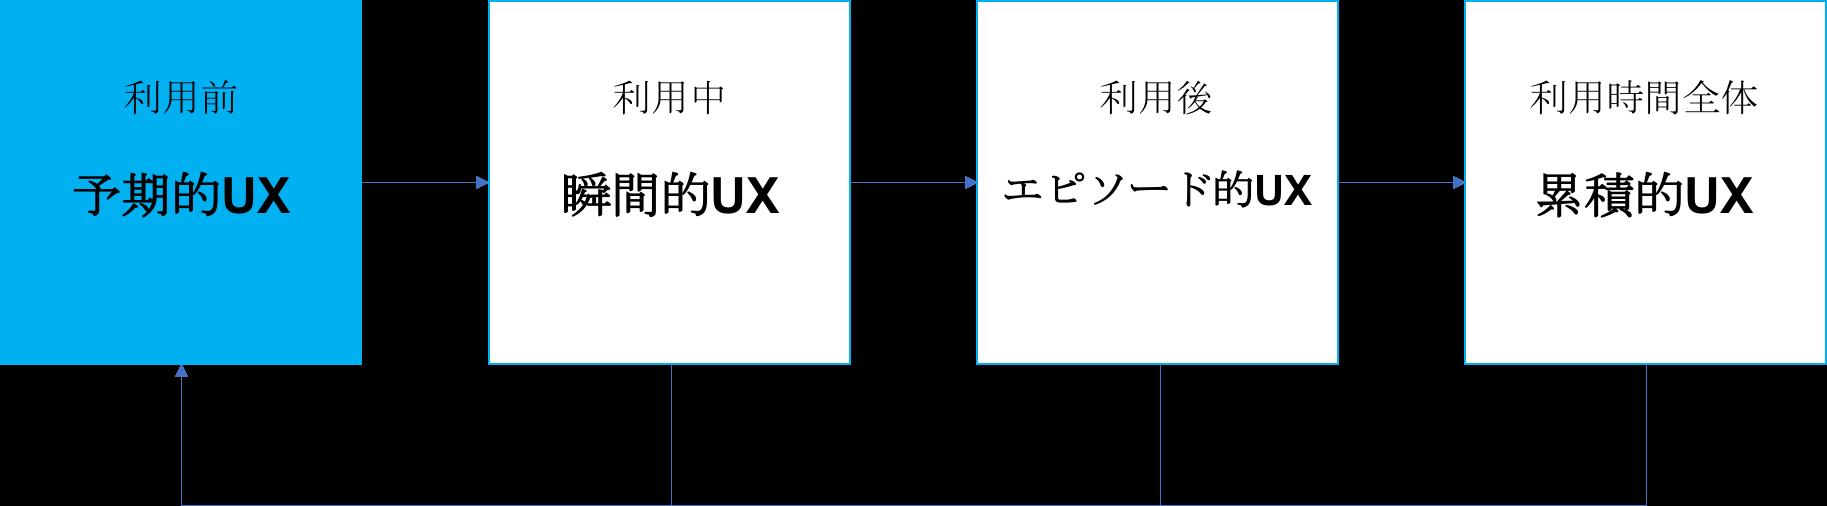 予期的UXの図